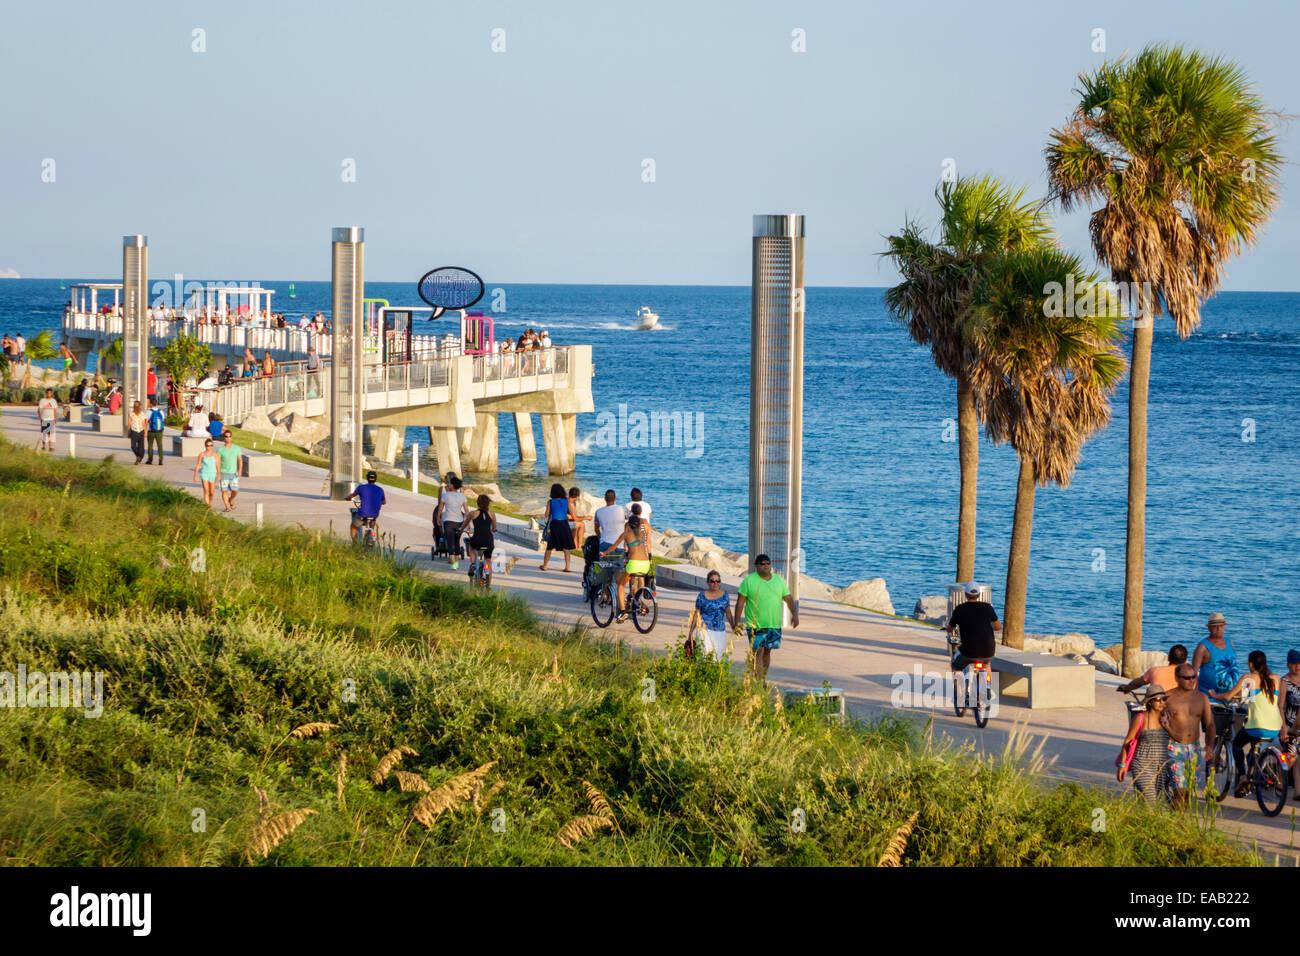 South Pointe Beach Fl